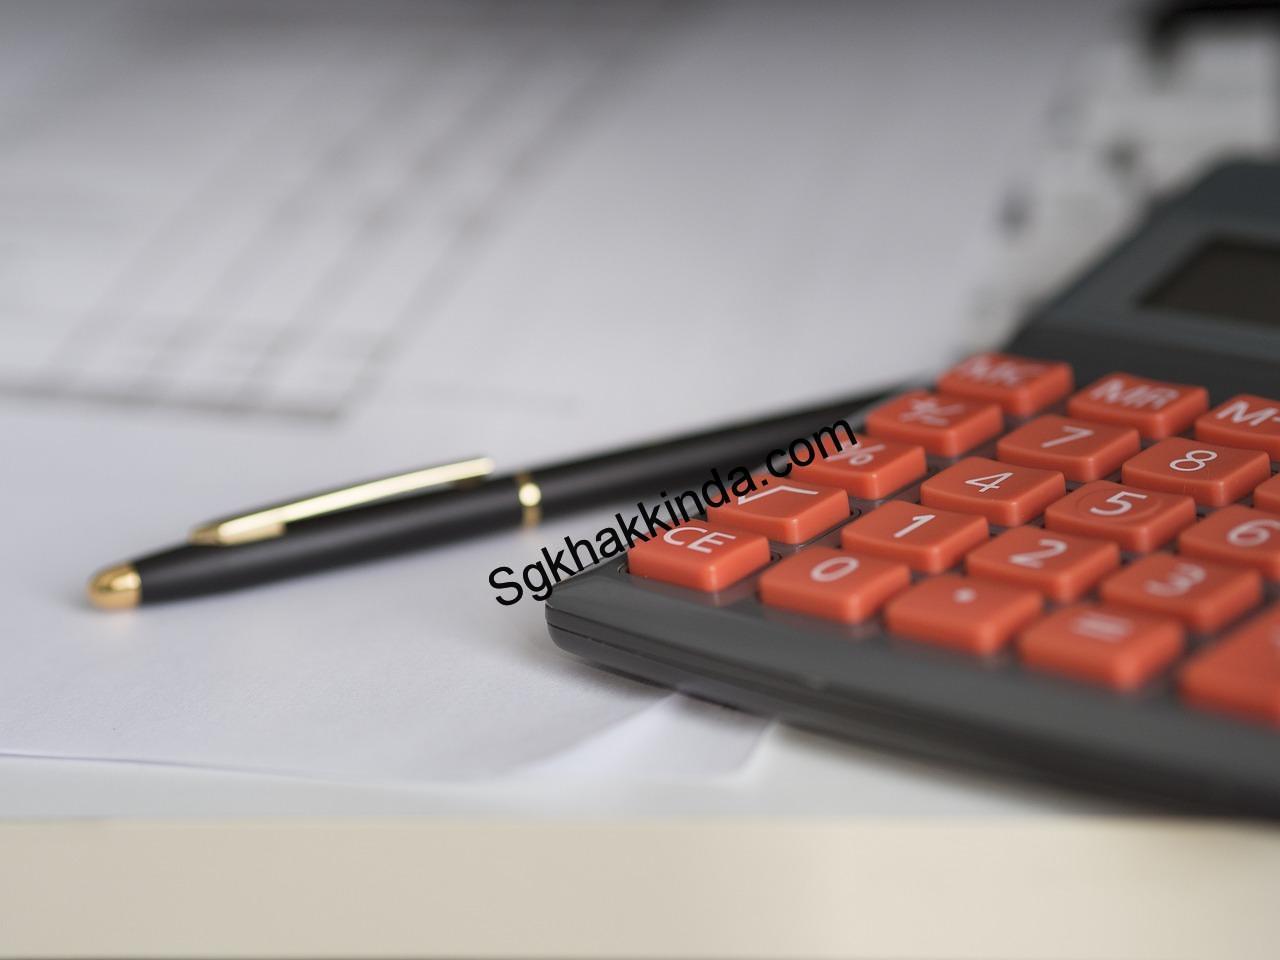 İşsizlik ödeneği hesaplaması nasıl yapılır?